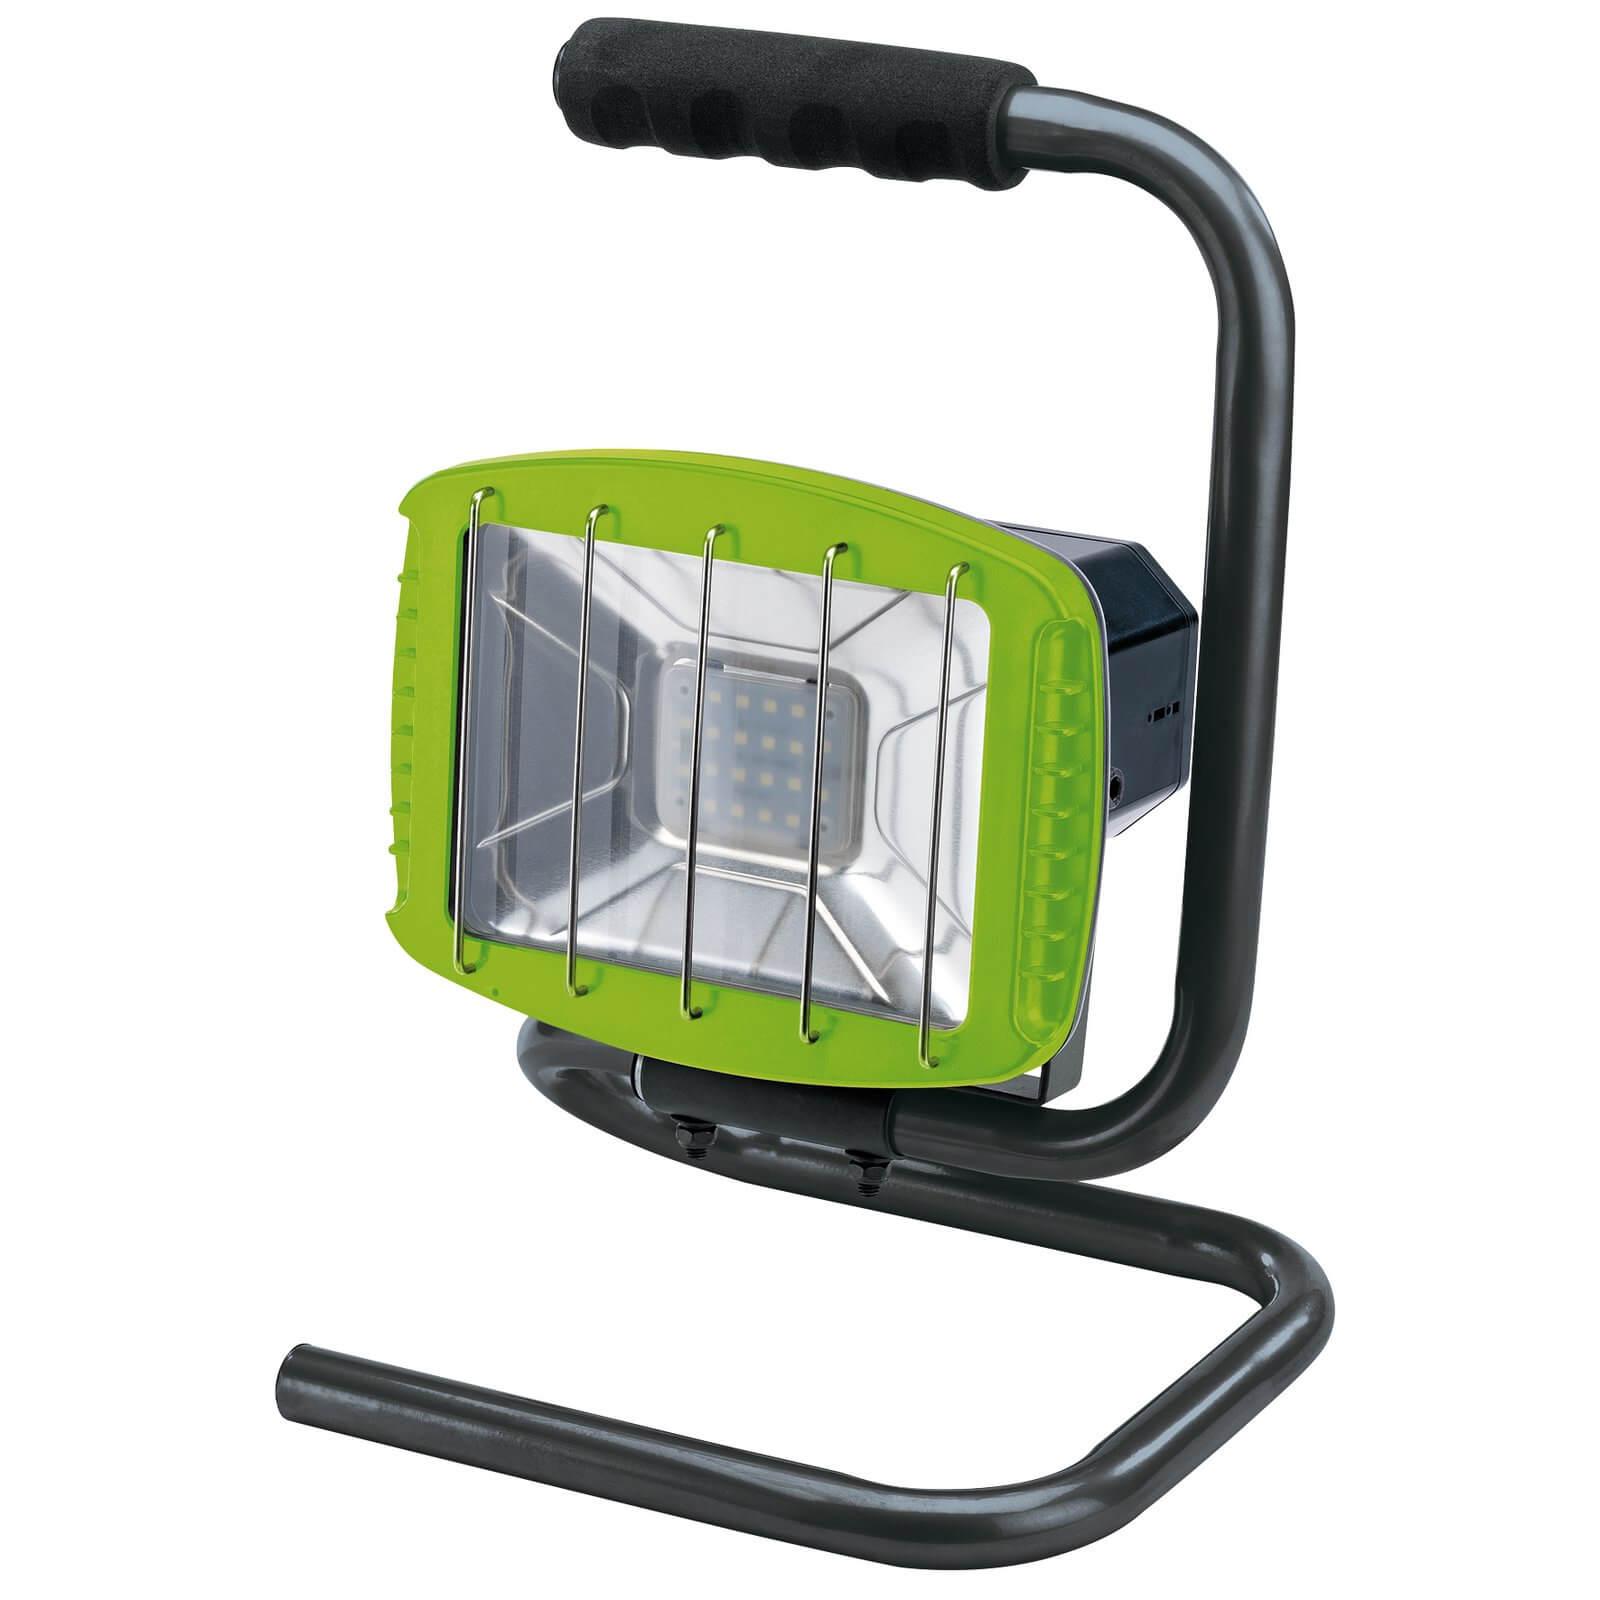 Image of Draper Worklight & Wireless Speaker Green 240v